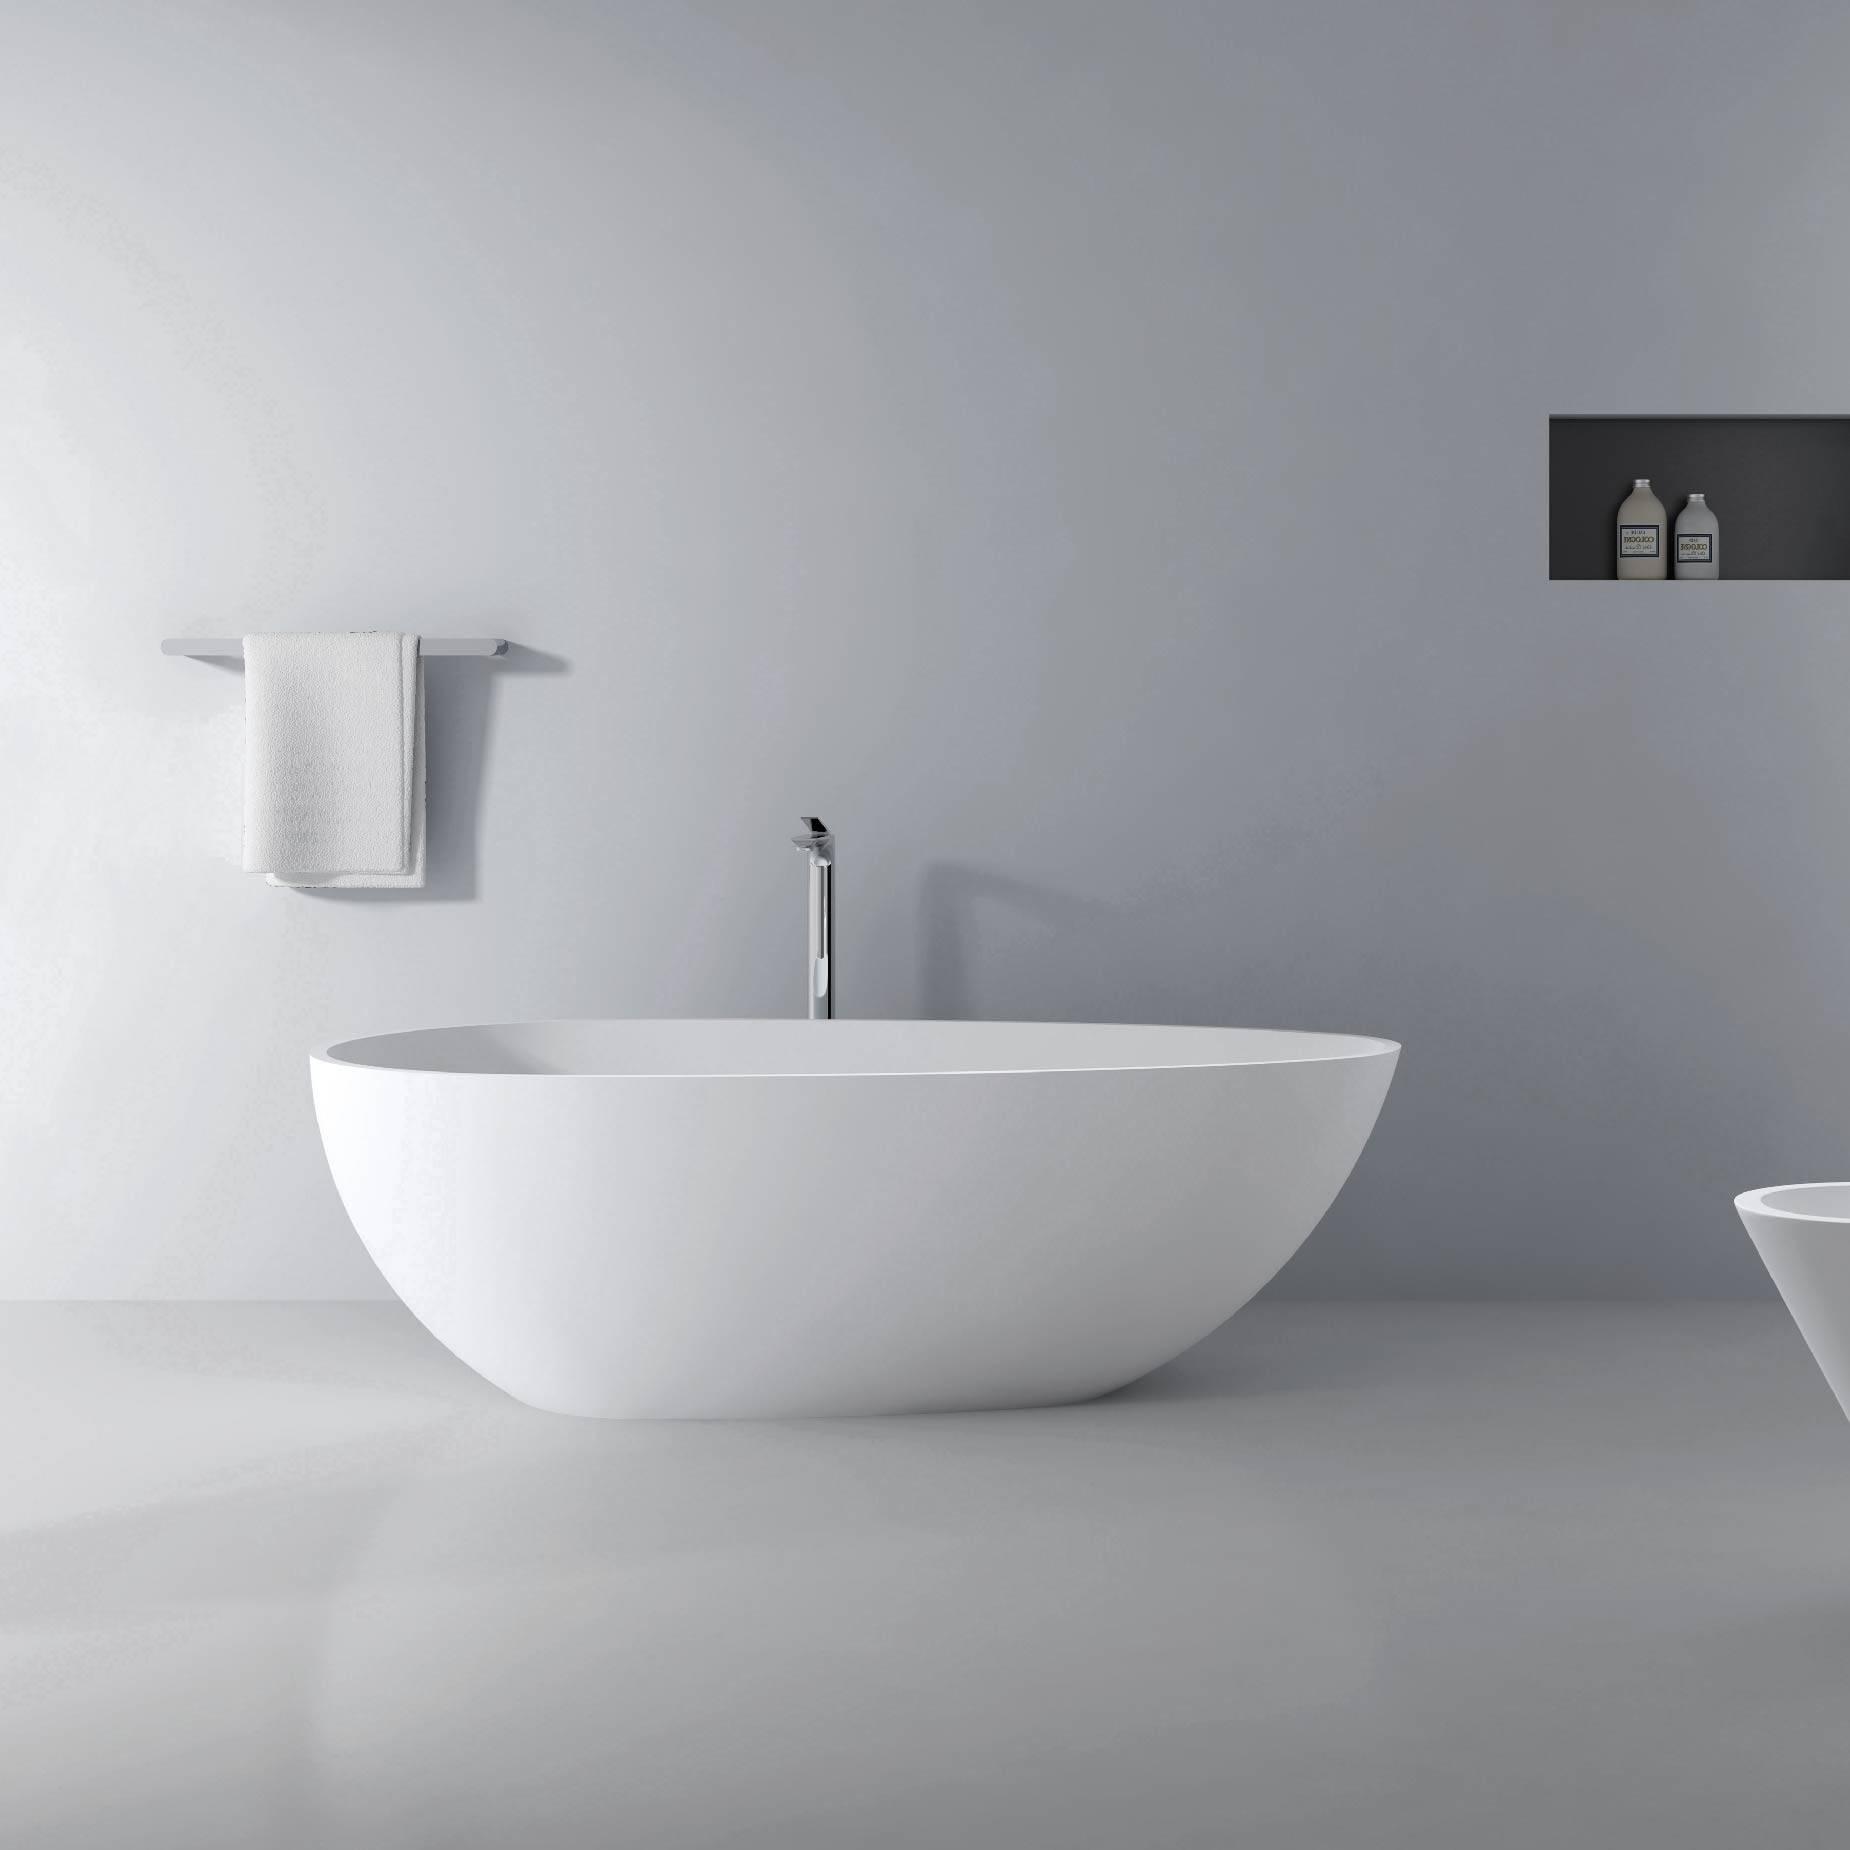 独立式人造石浴缸-白蛋